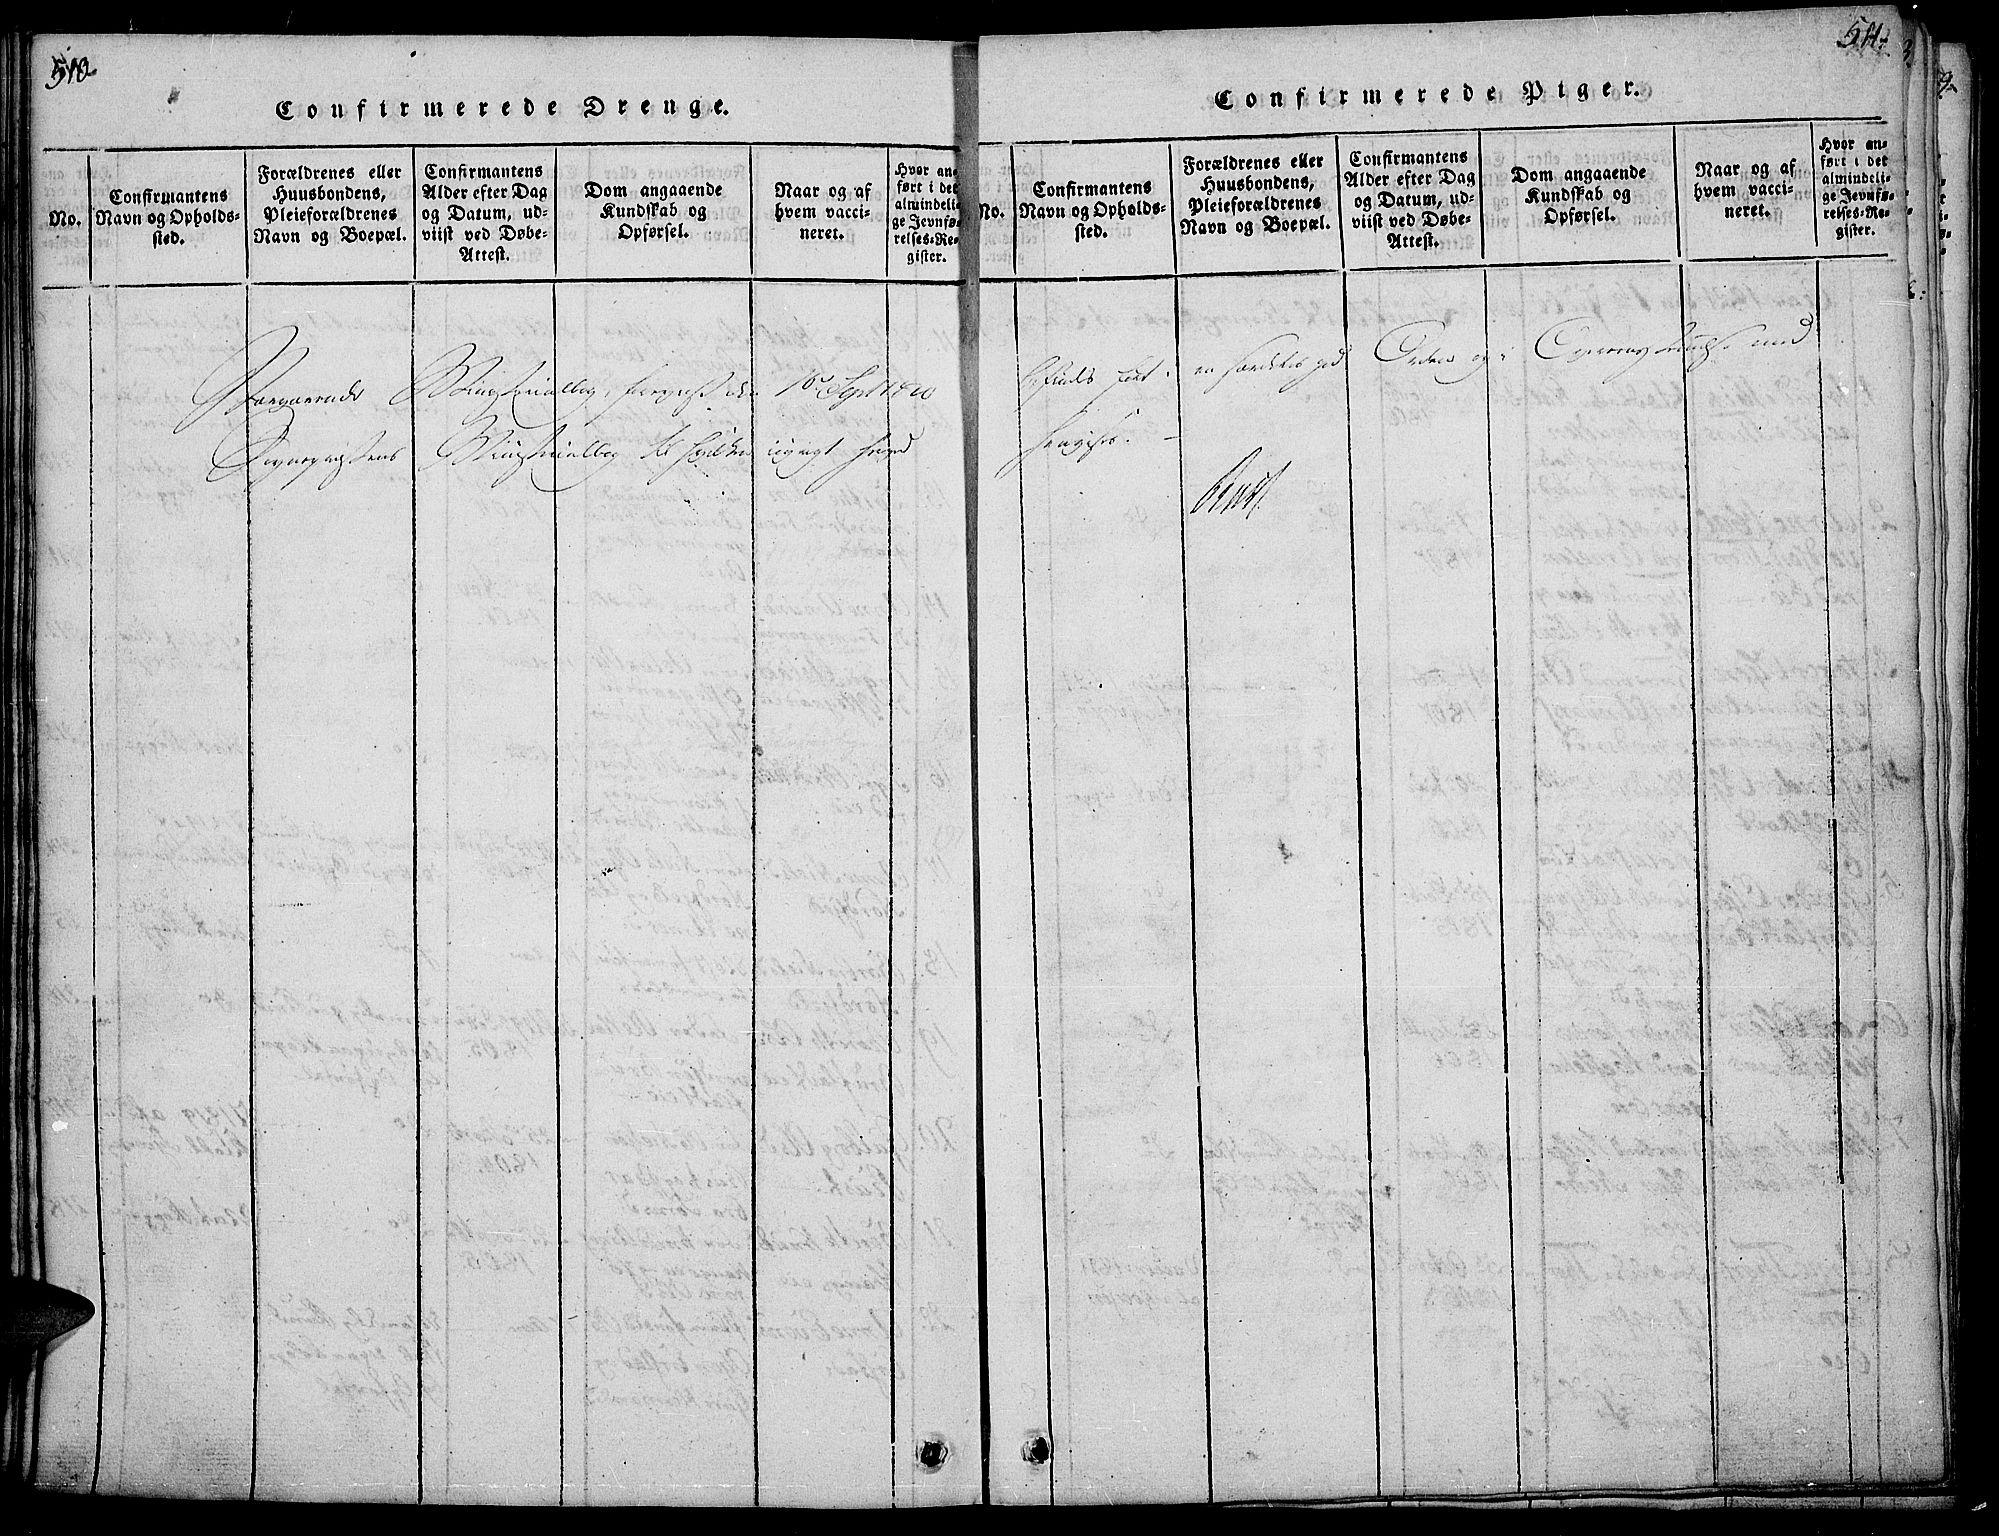 SAH, Sør-Aurdal prestekontor, Klokkerbok nr. 1, 1815-1826, s. 510-511